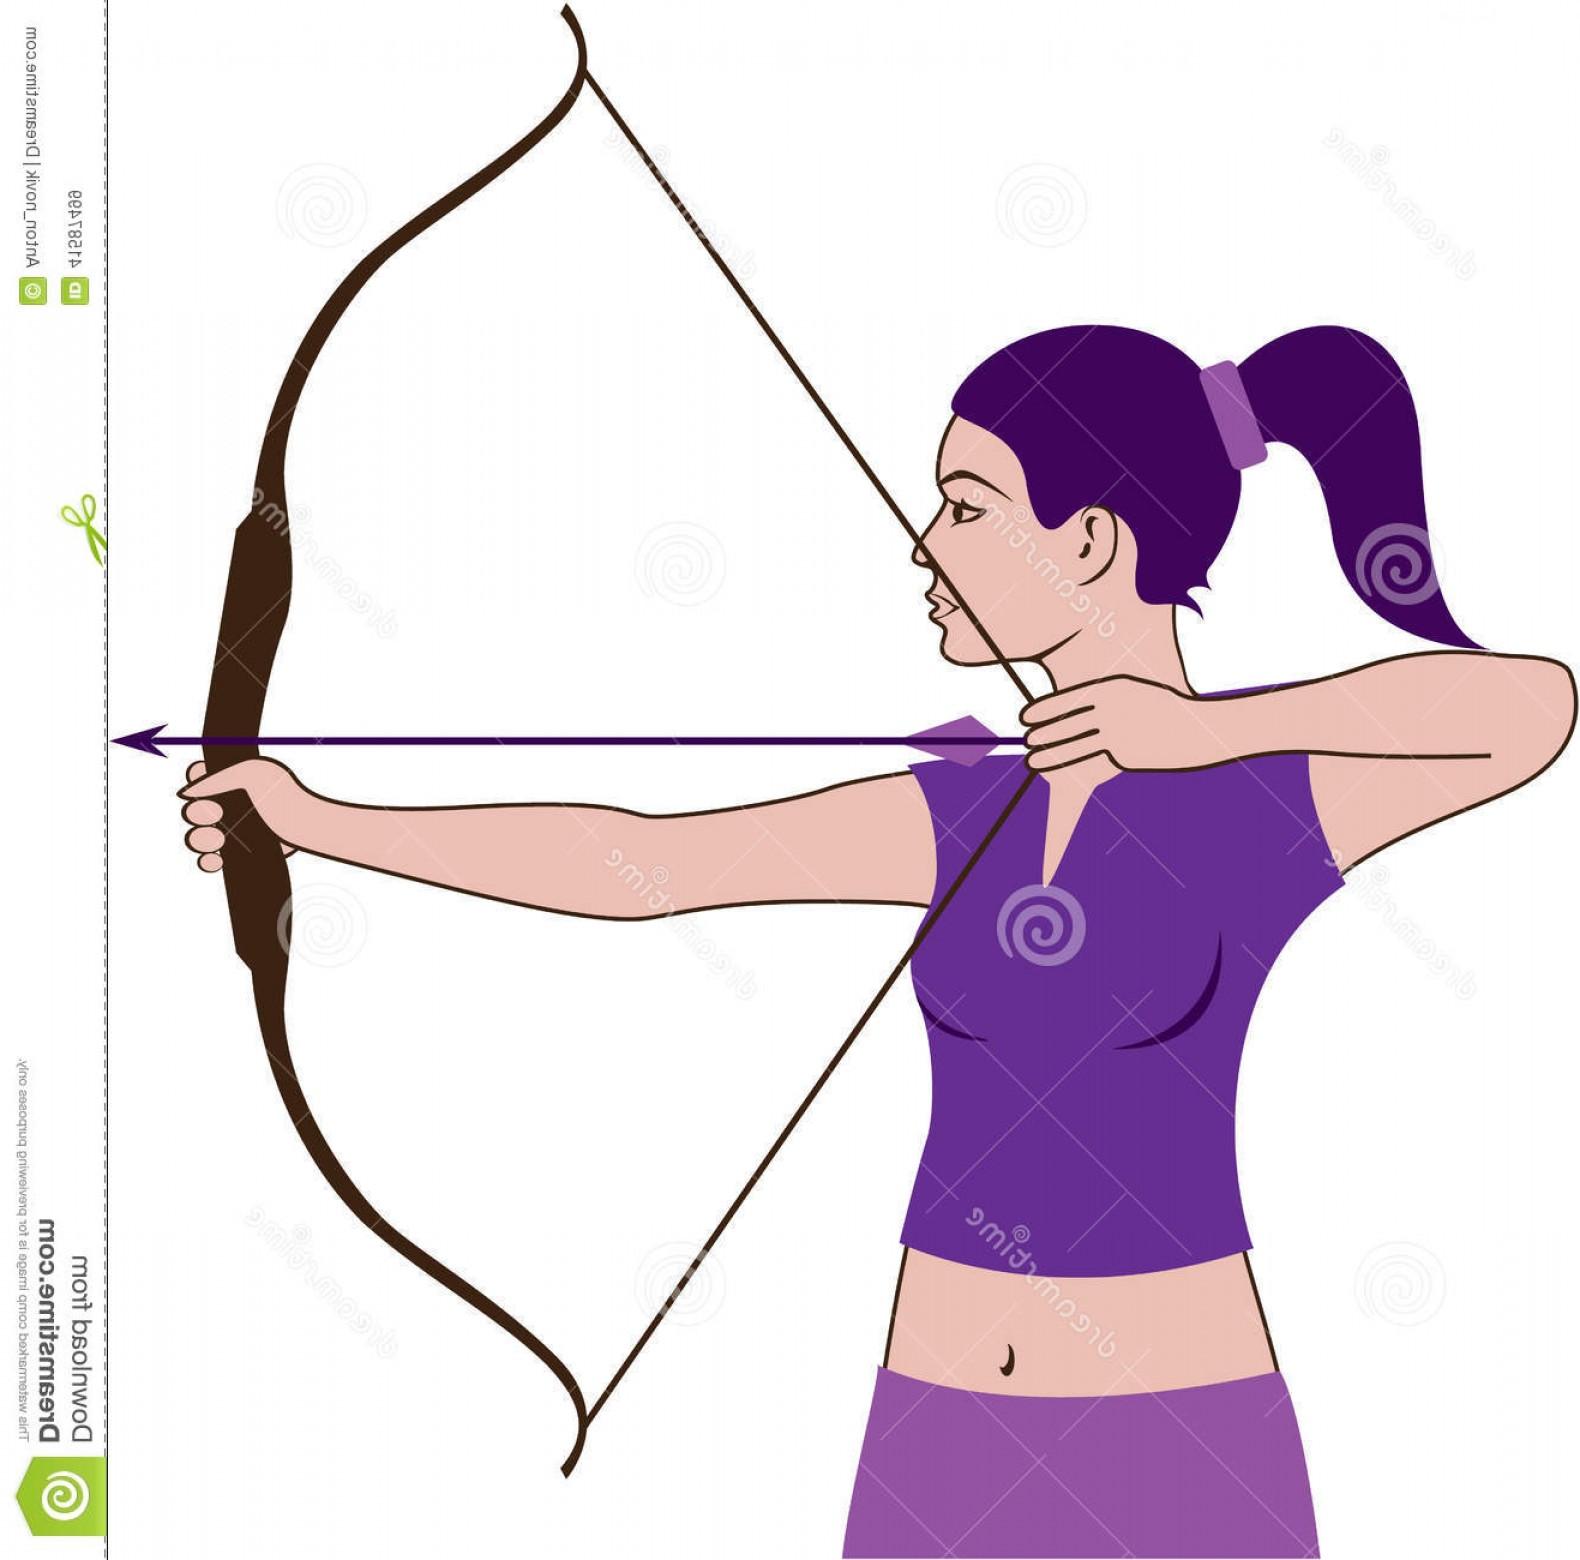 Girl Archery Clipart.